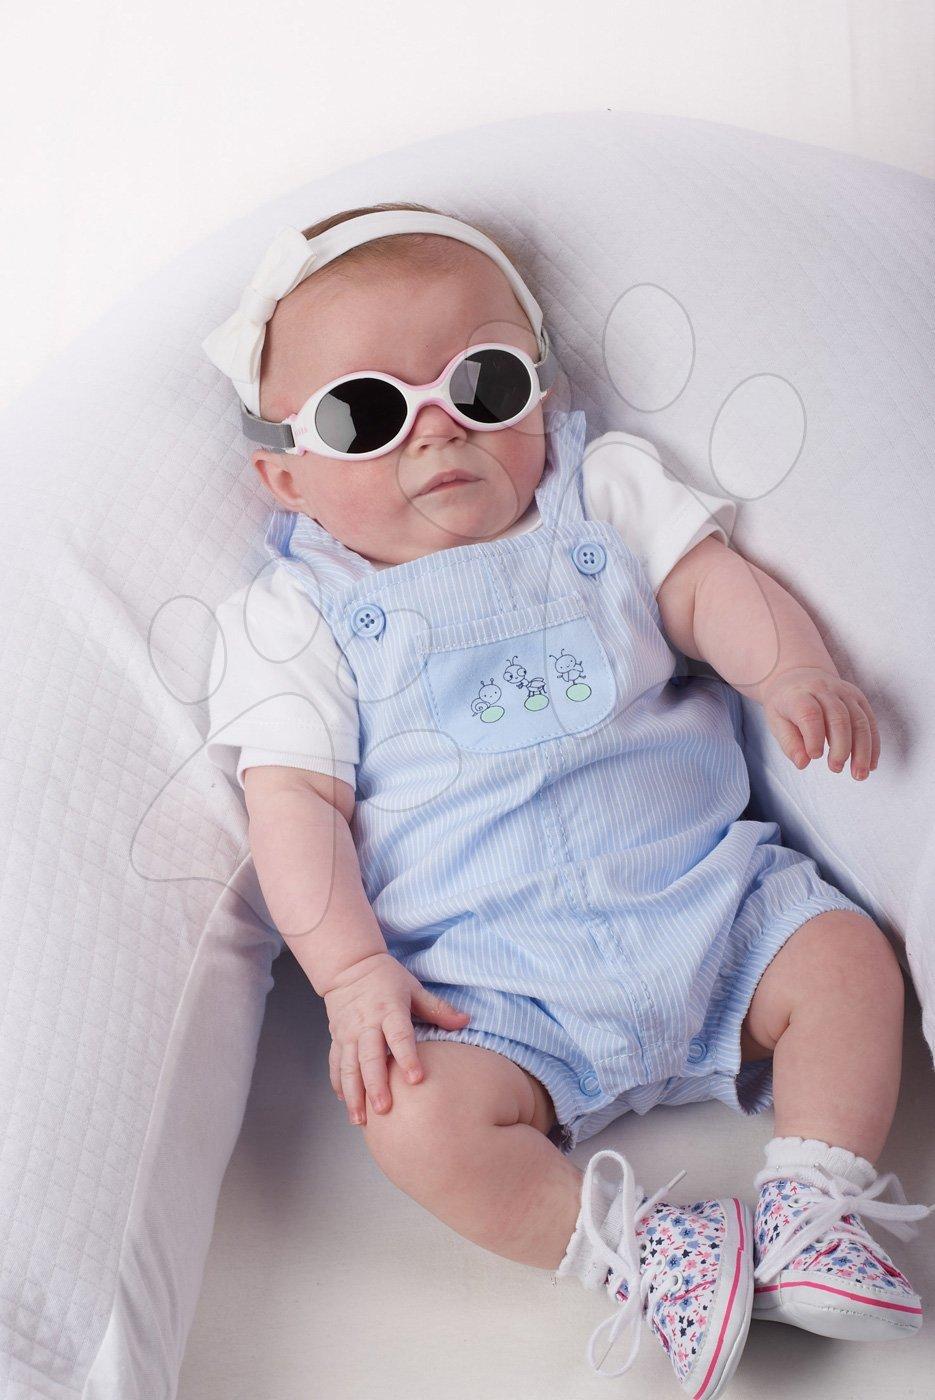 ... UV szűrő 4 rózsaszín 3 hó-tól. 930255 b beaba strap sunglasses. A  teljes élmény érdekében 7dd8579d5e